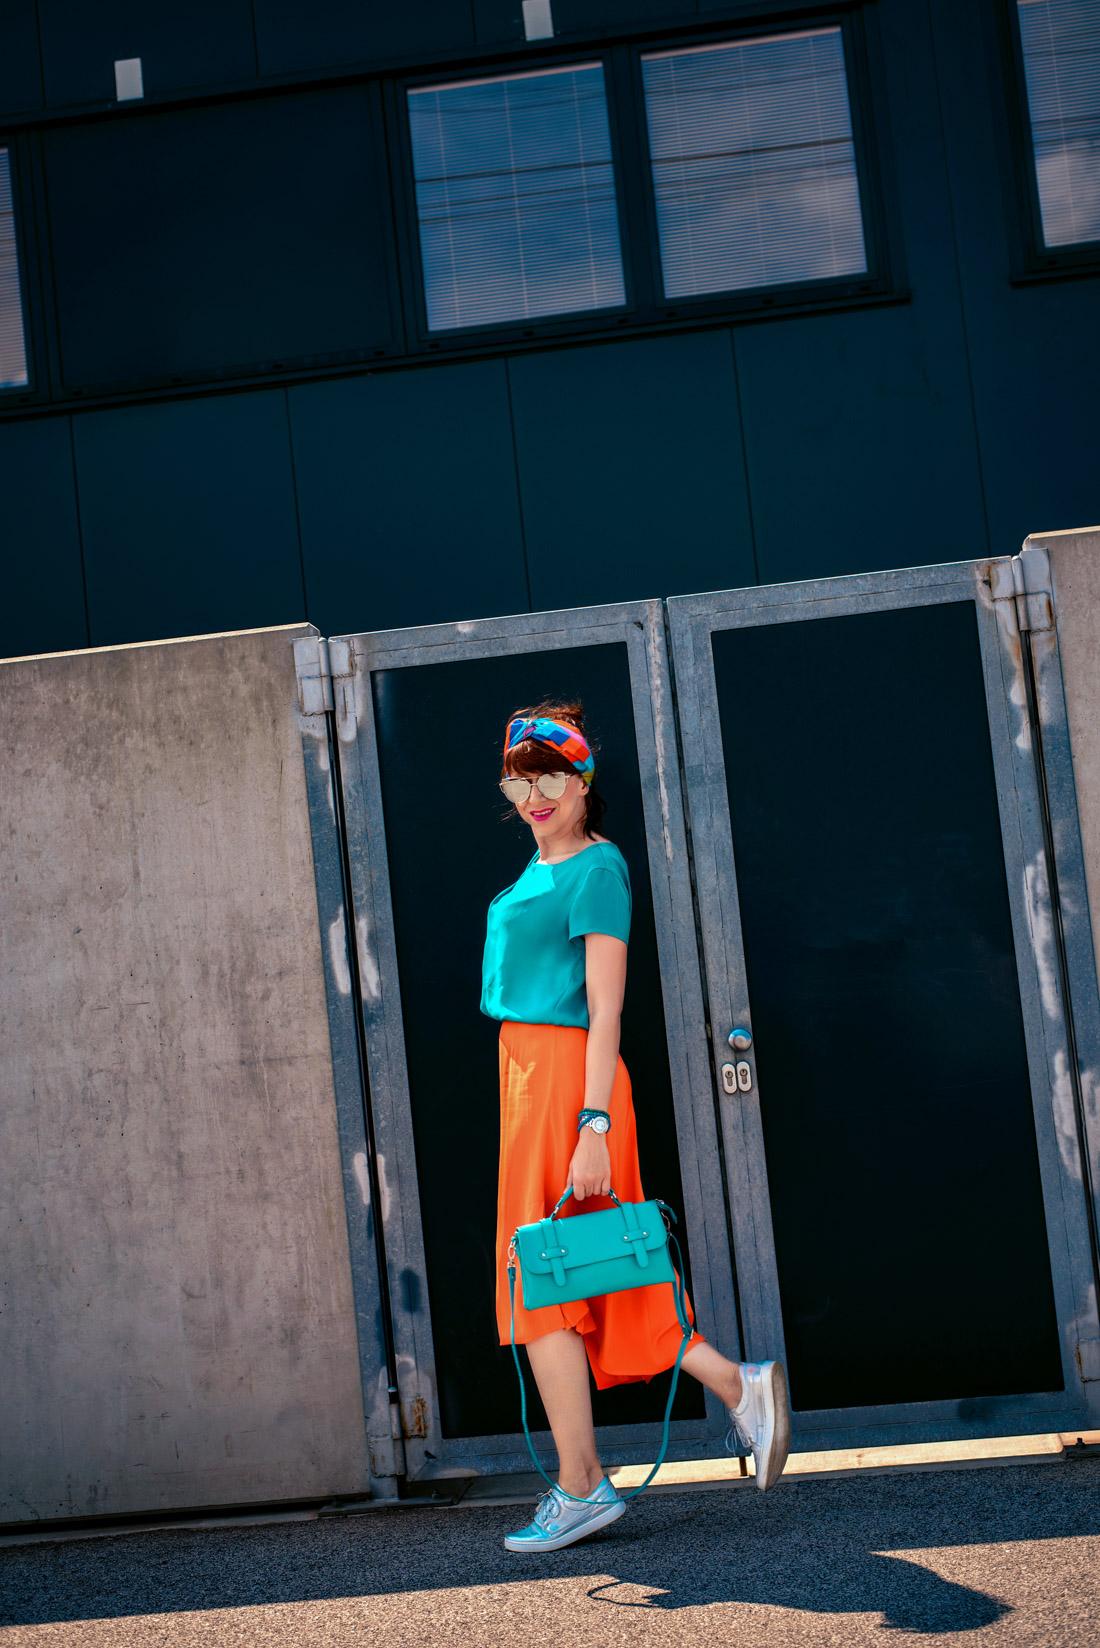 1 TOP DOPLNOK, KTORÝ VÁS DOSTANE_Katharine-fashion is beautiful_blog 4_Látková čelenka_Oranžová sukňa_Katarína Jakubčová_Fashion blogerka